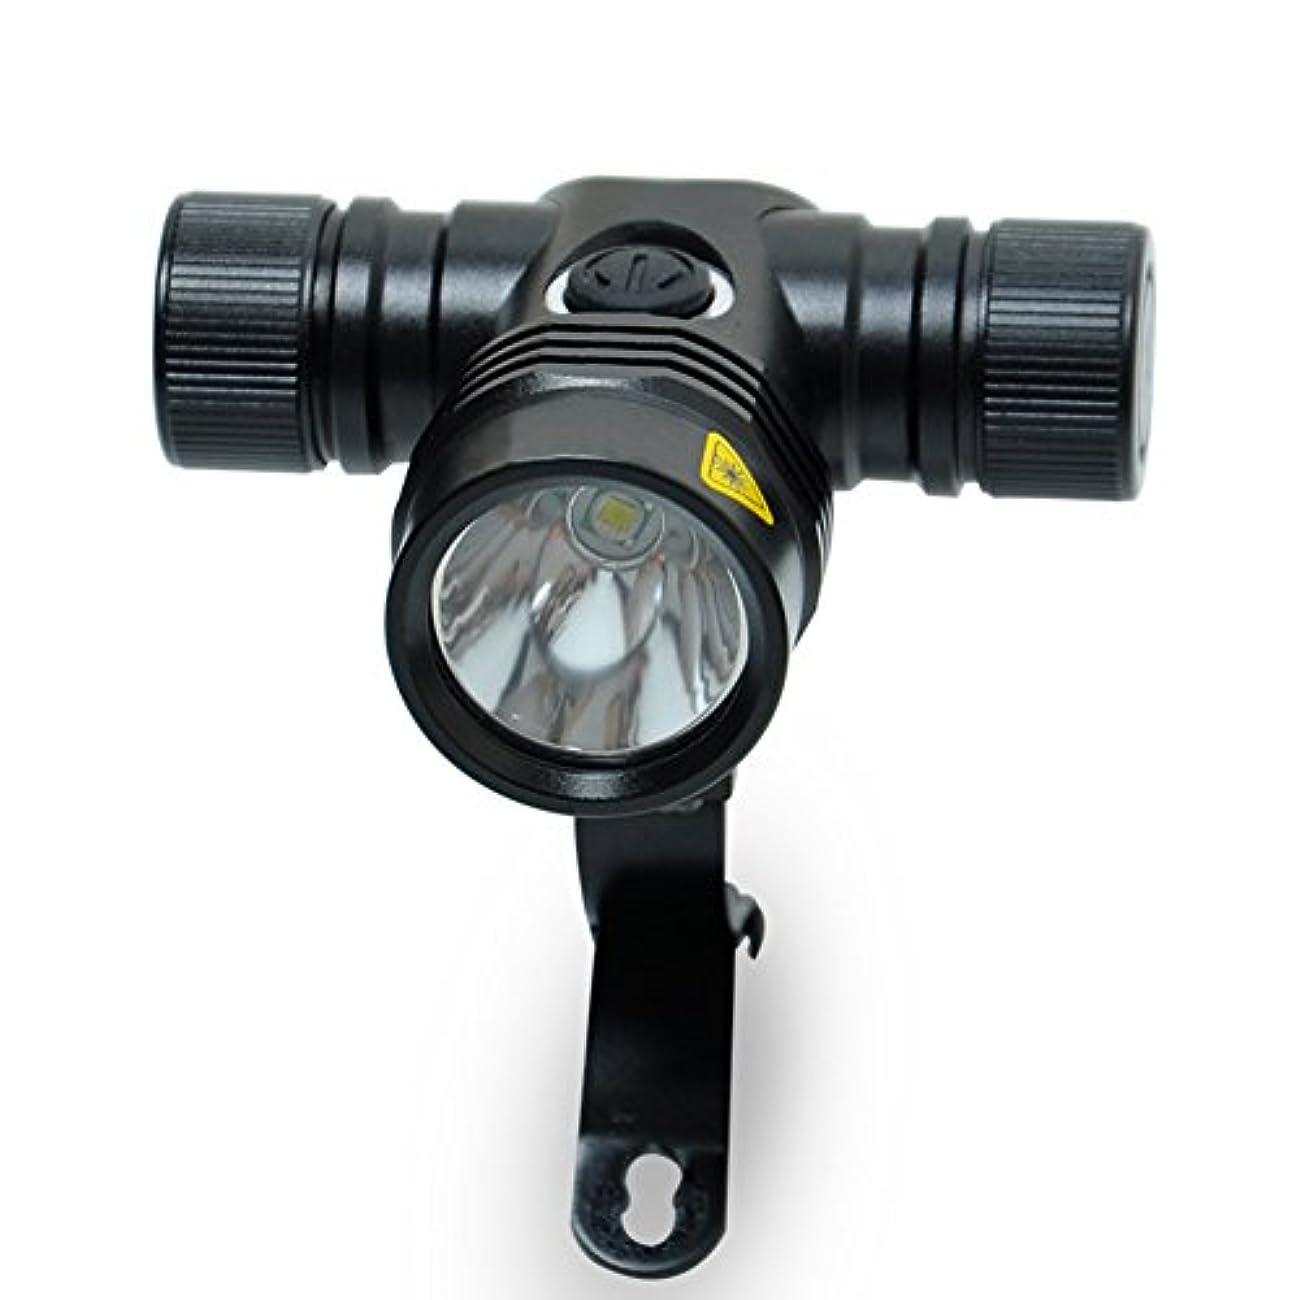 ポルノプラグ苦悩DMCE 自転車ライト Led,ヘッドライト スーパー ブライト 1200 ルーメン Ip65 防水 Usb充電式 安全道路 すべてのバイクに適合します。 道のバイク